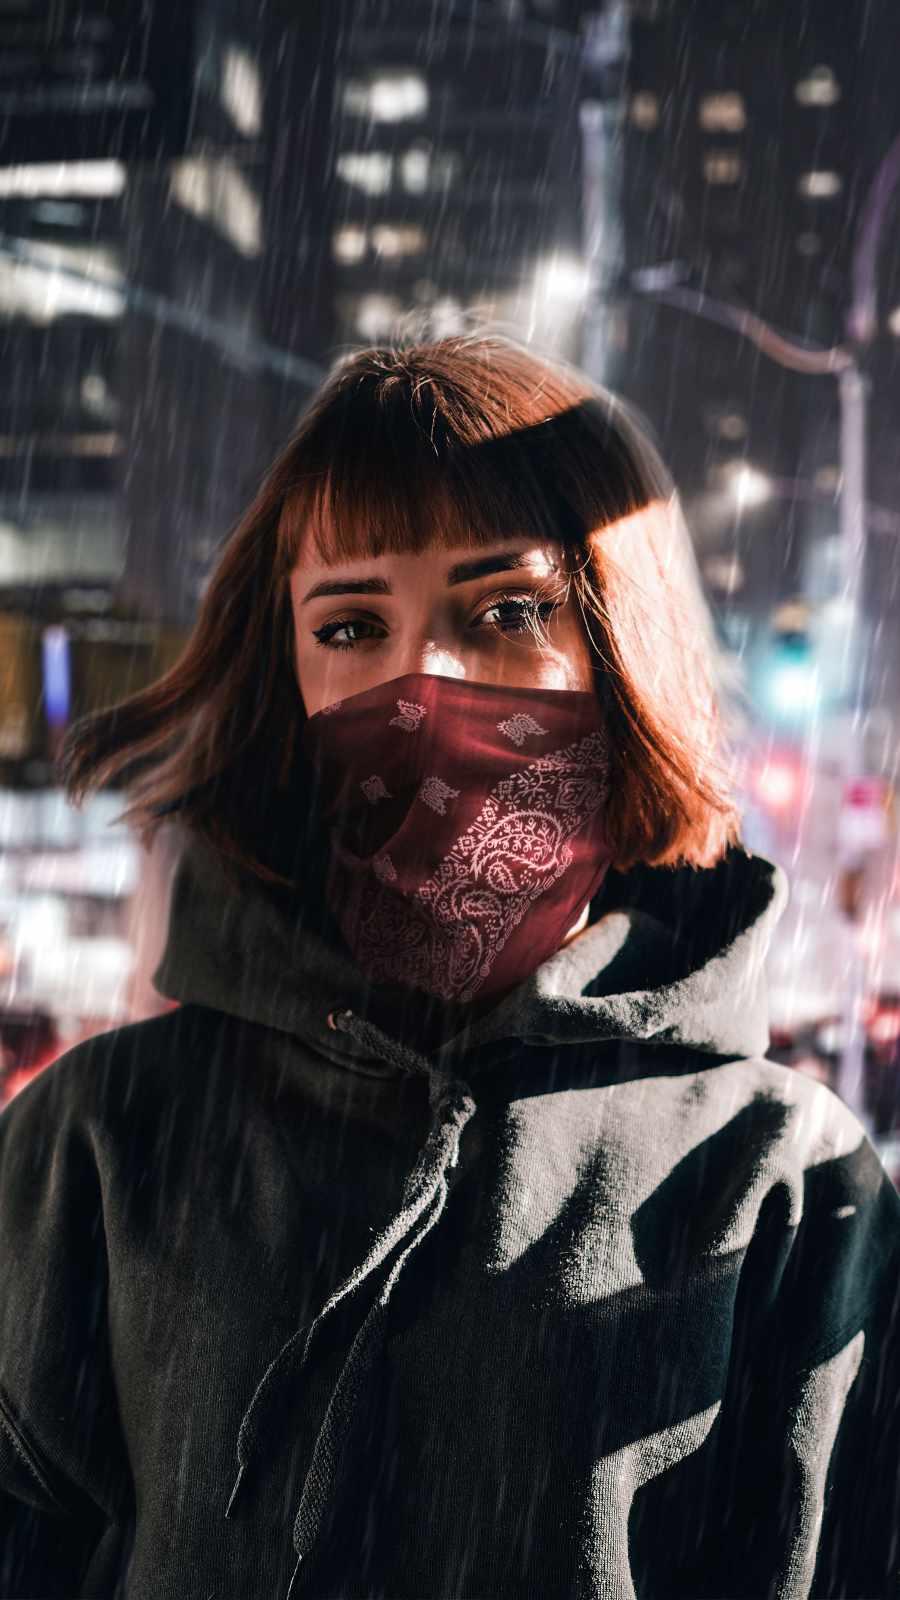 Masked Urban Brunette